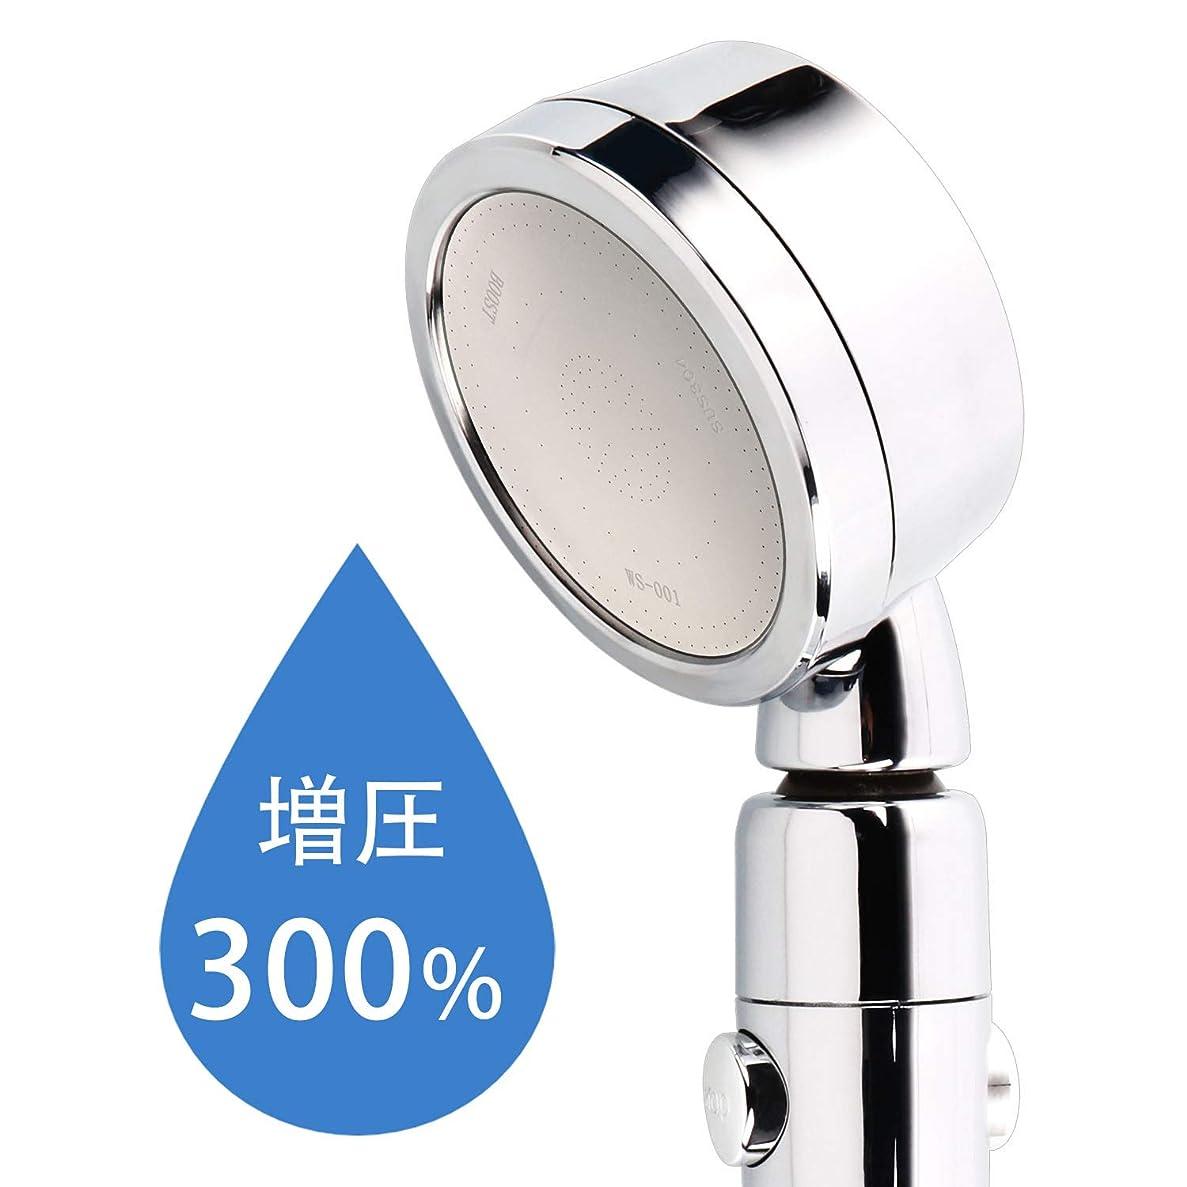 把握チャンス顕微鏡LEEVAN シャワーヘッド 節水シャワーヘッド 増圧 低水圧対応 ストップボタン付き 極細水流 丈夫 国際汎用基準G1/2